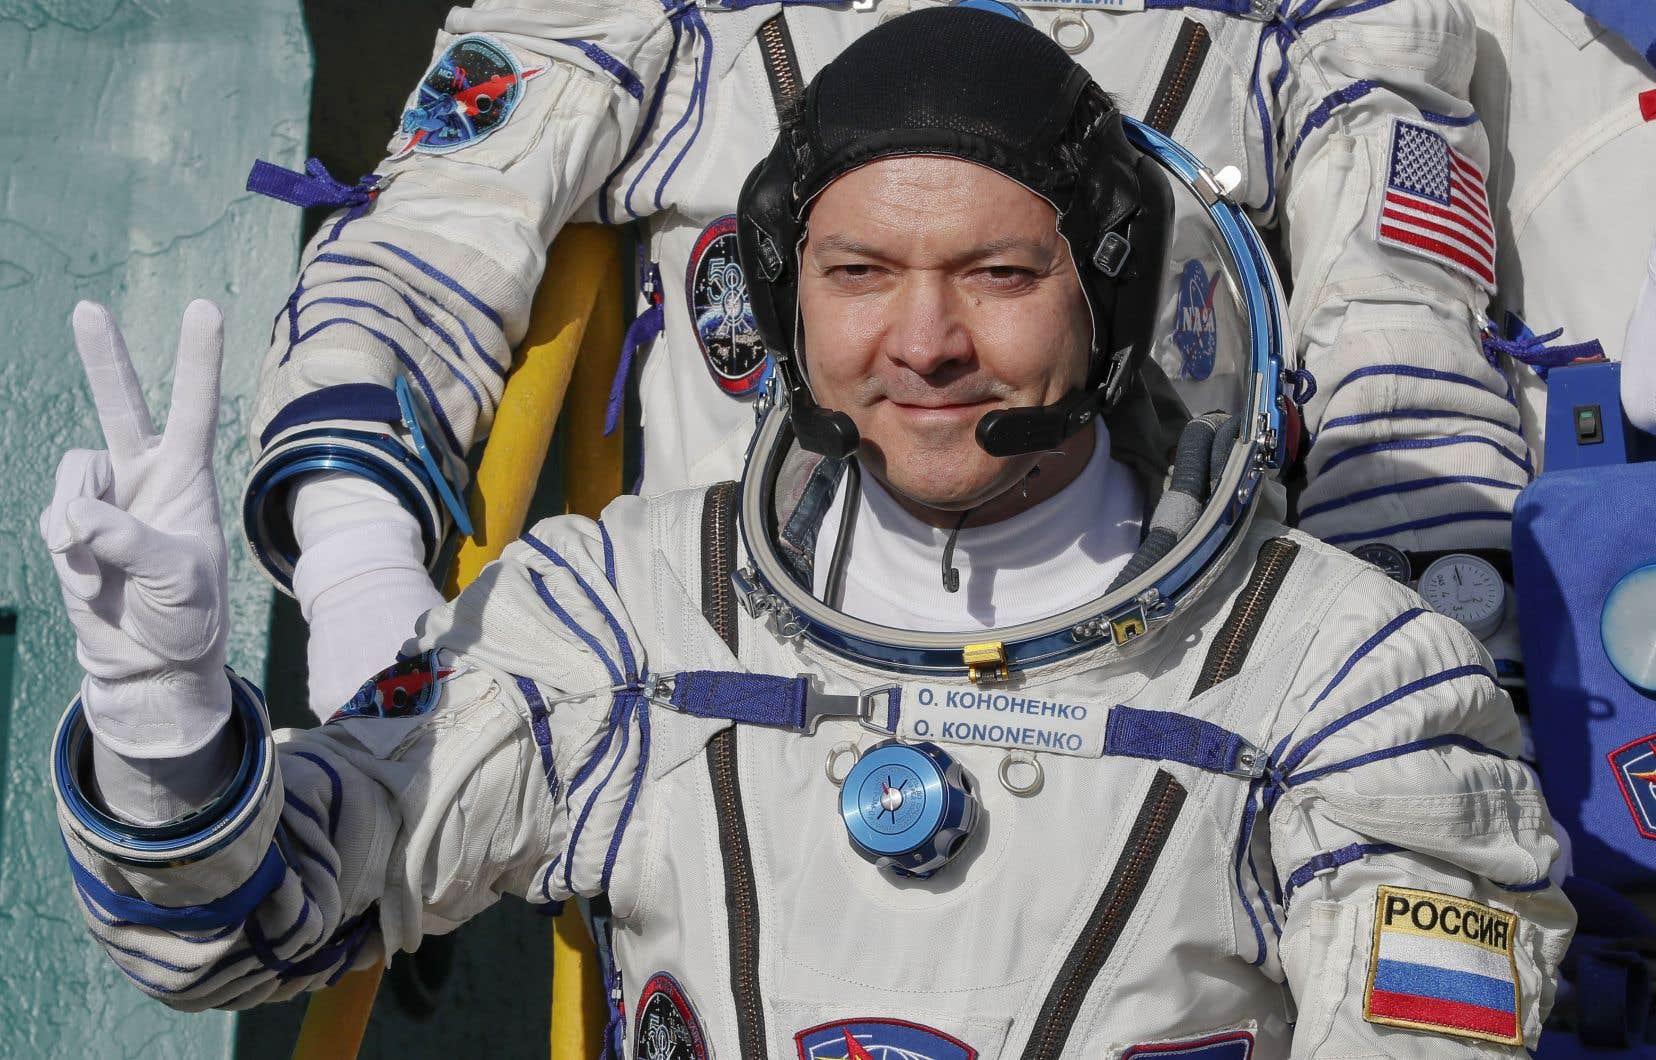 La sortie dans l'espace des cosmonautes Oleg Kononenko (en photo) et Sergueï Prokopyev débutera à 11h.